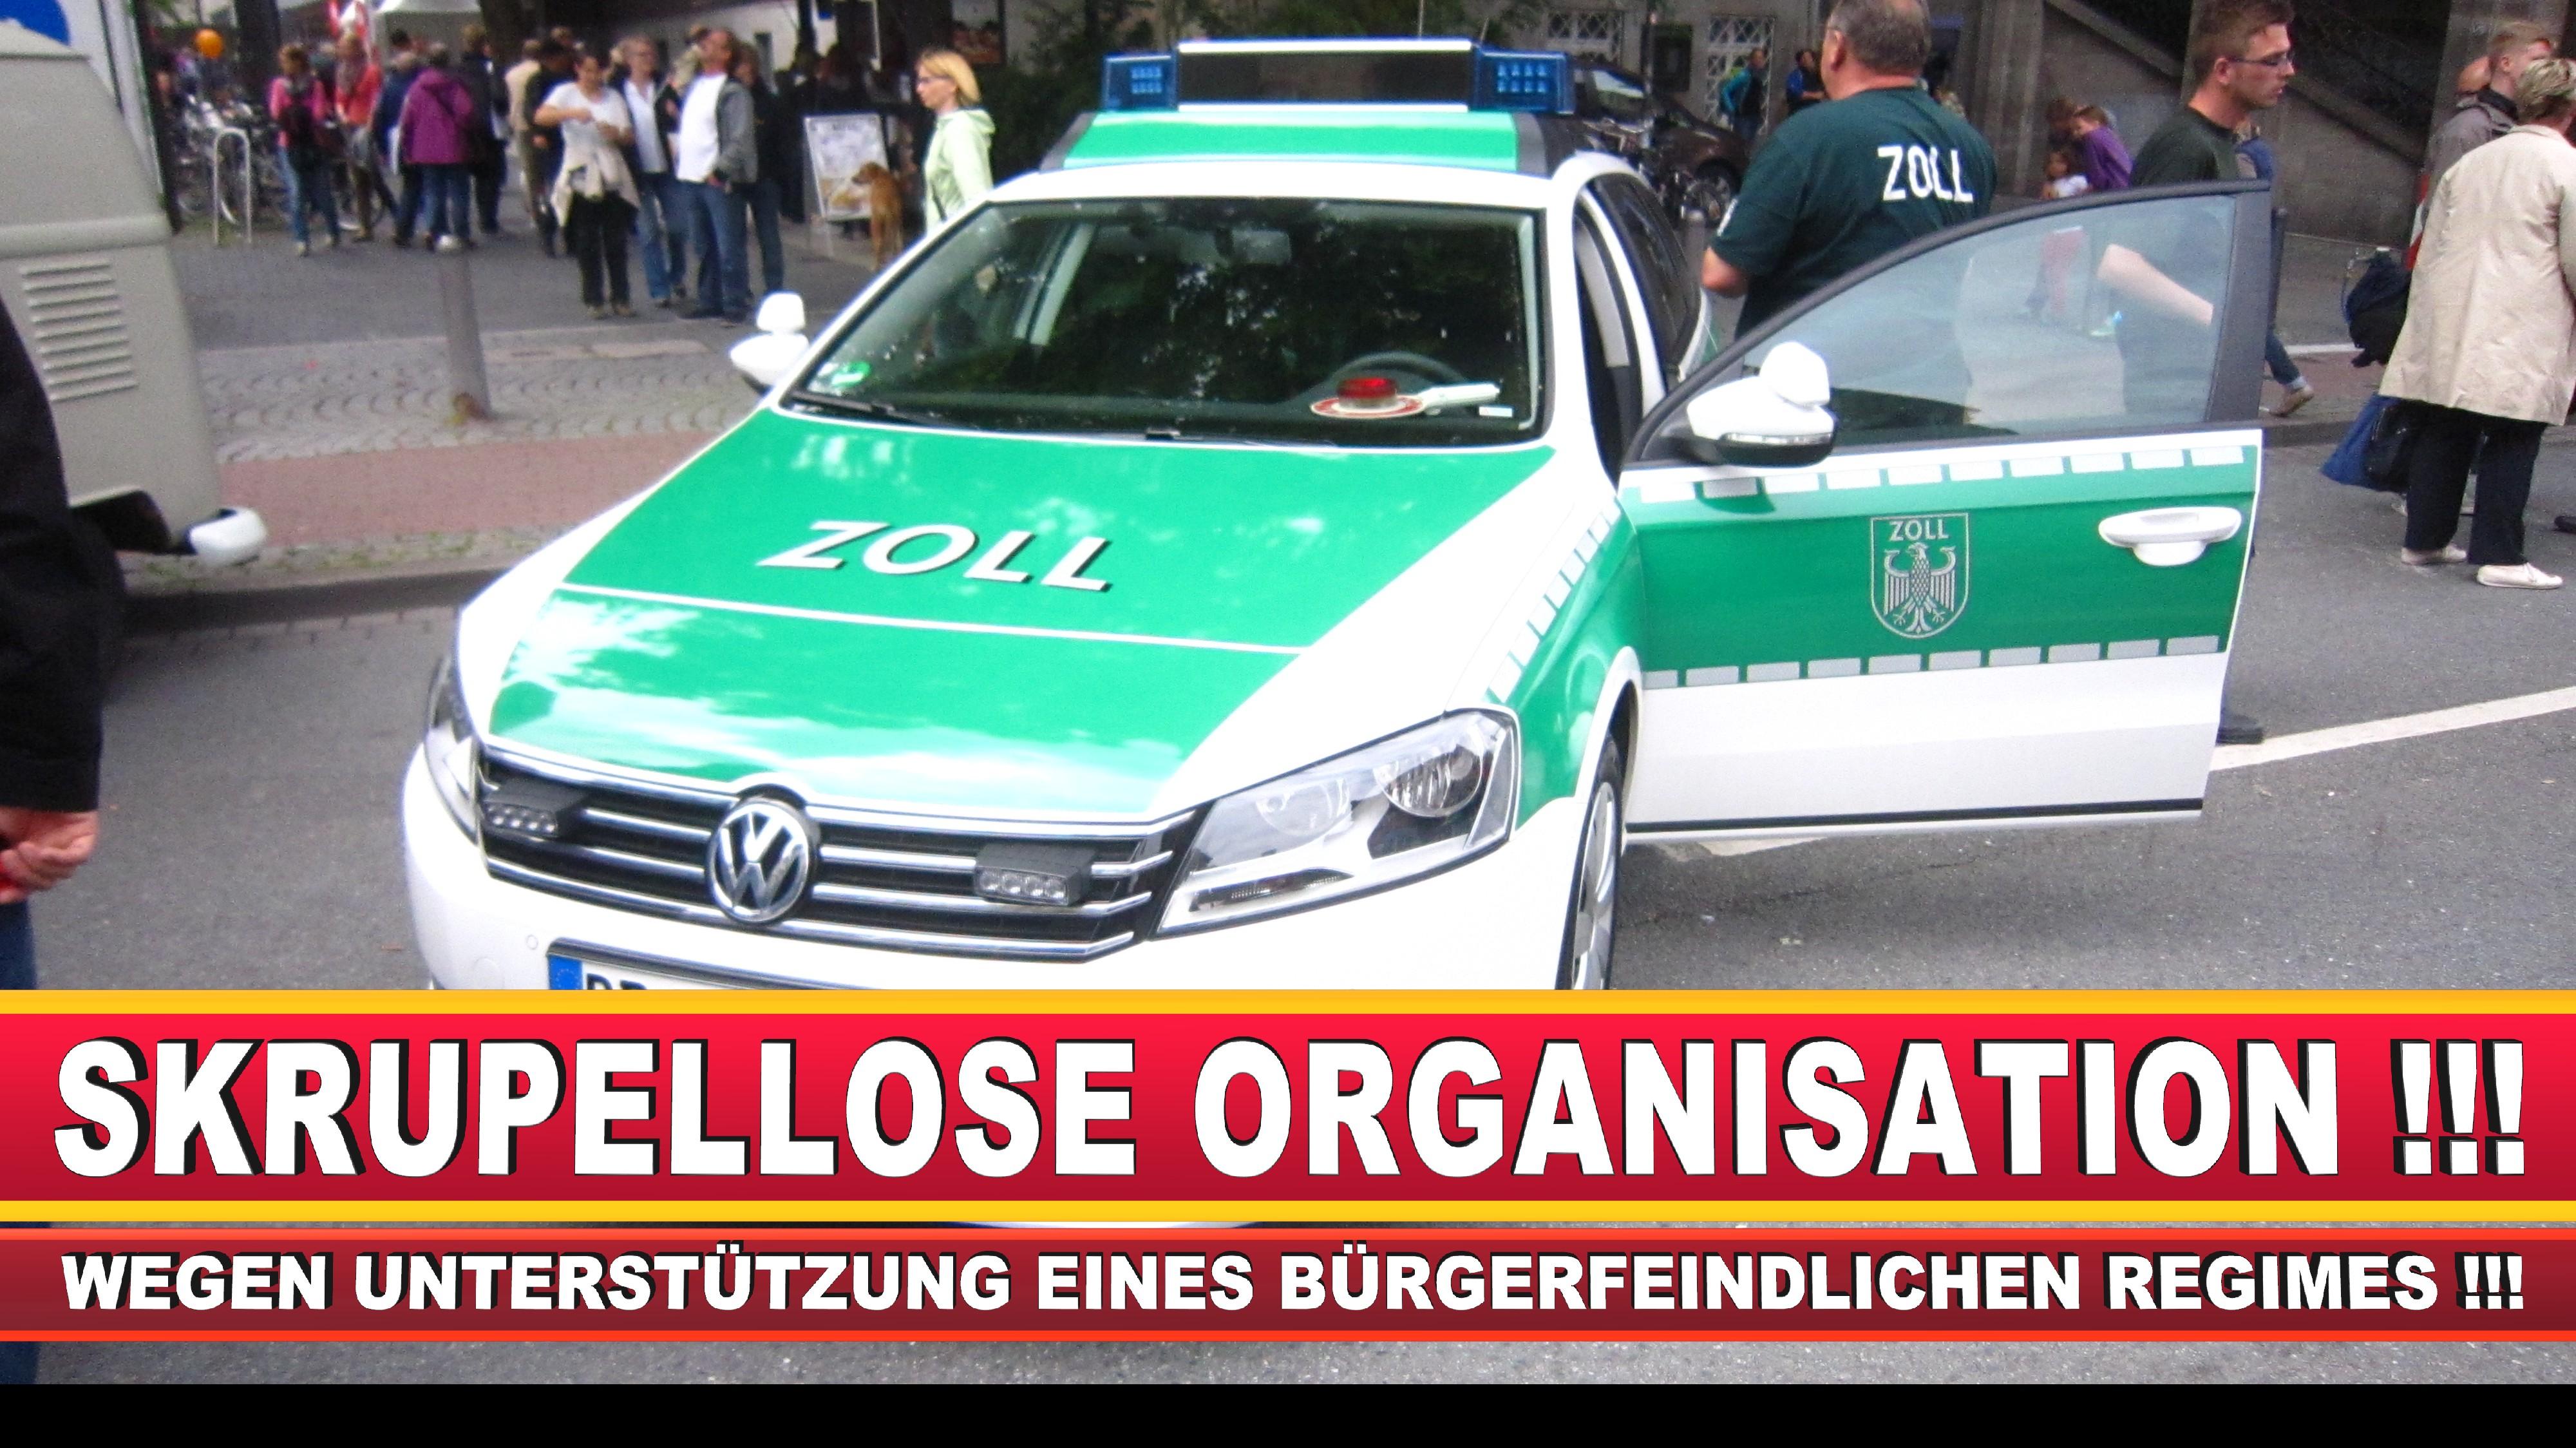 Polizeipräsidentin Katharina Giere Polizei Bielefeld NRW Erwin Südfeld Horst Kruse Polizeiuniform Polizeigewalt DEMONSTRATION Bahnhof (32)